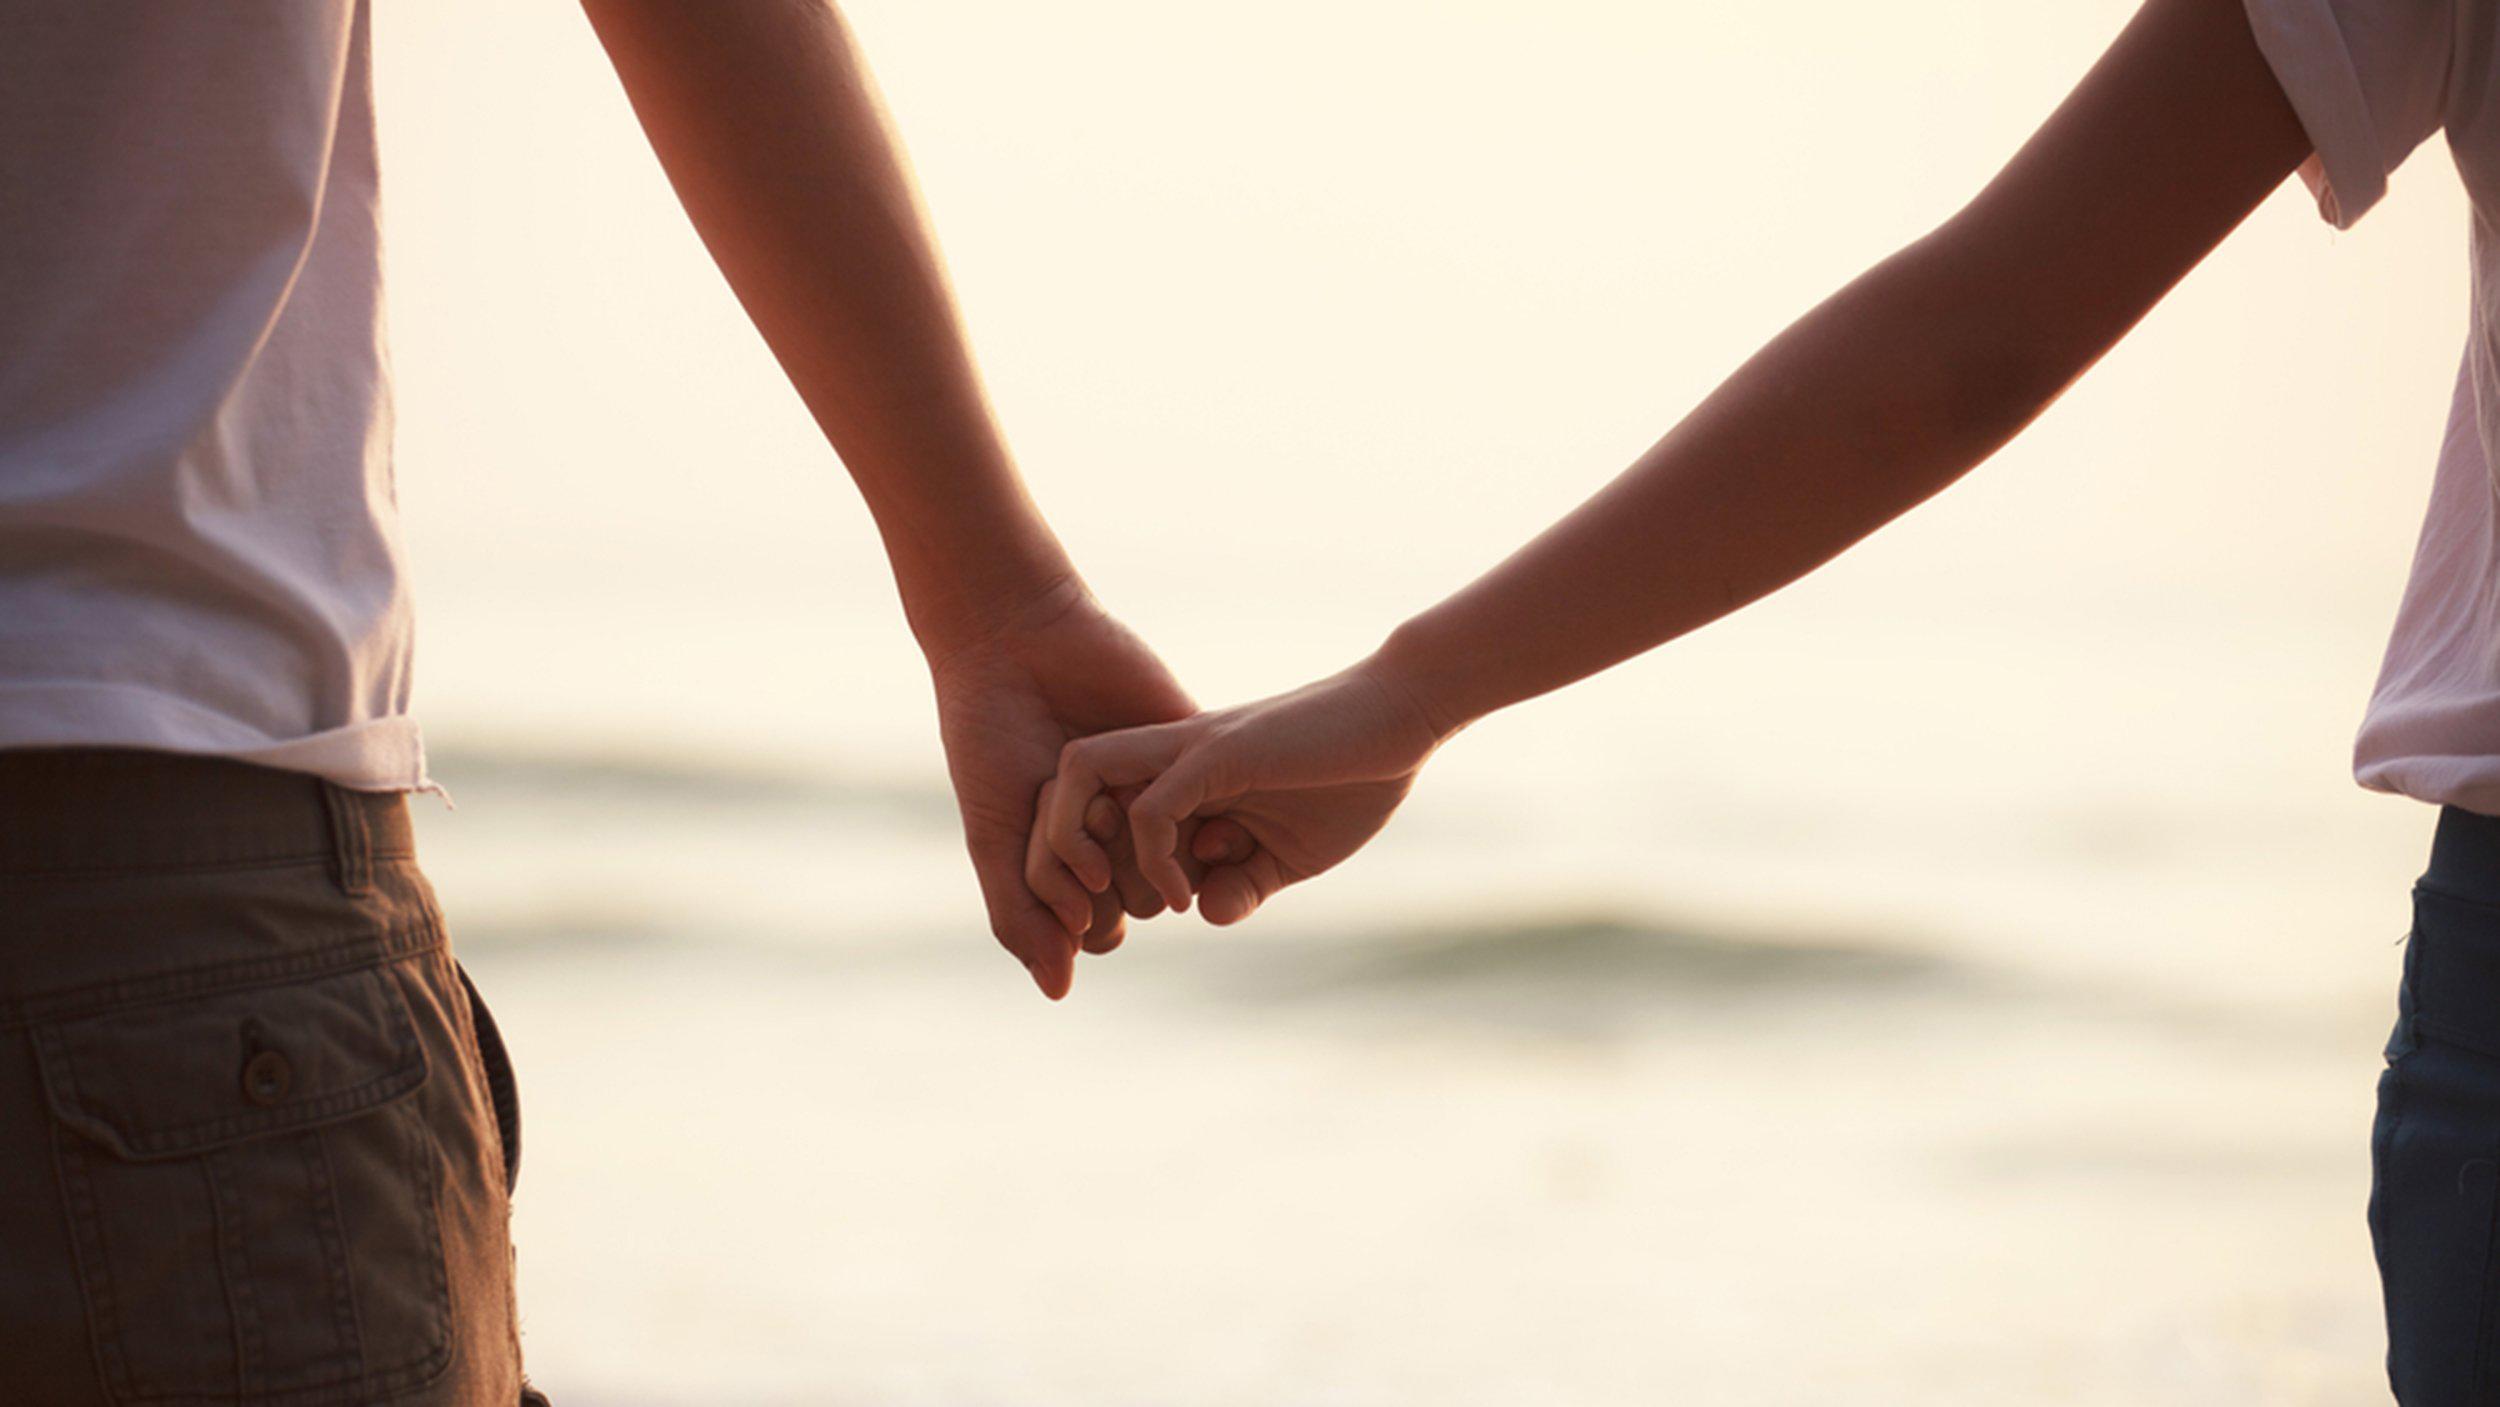 Hình ảnh nắm tay nhau nhìn biển